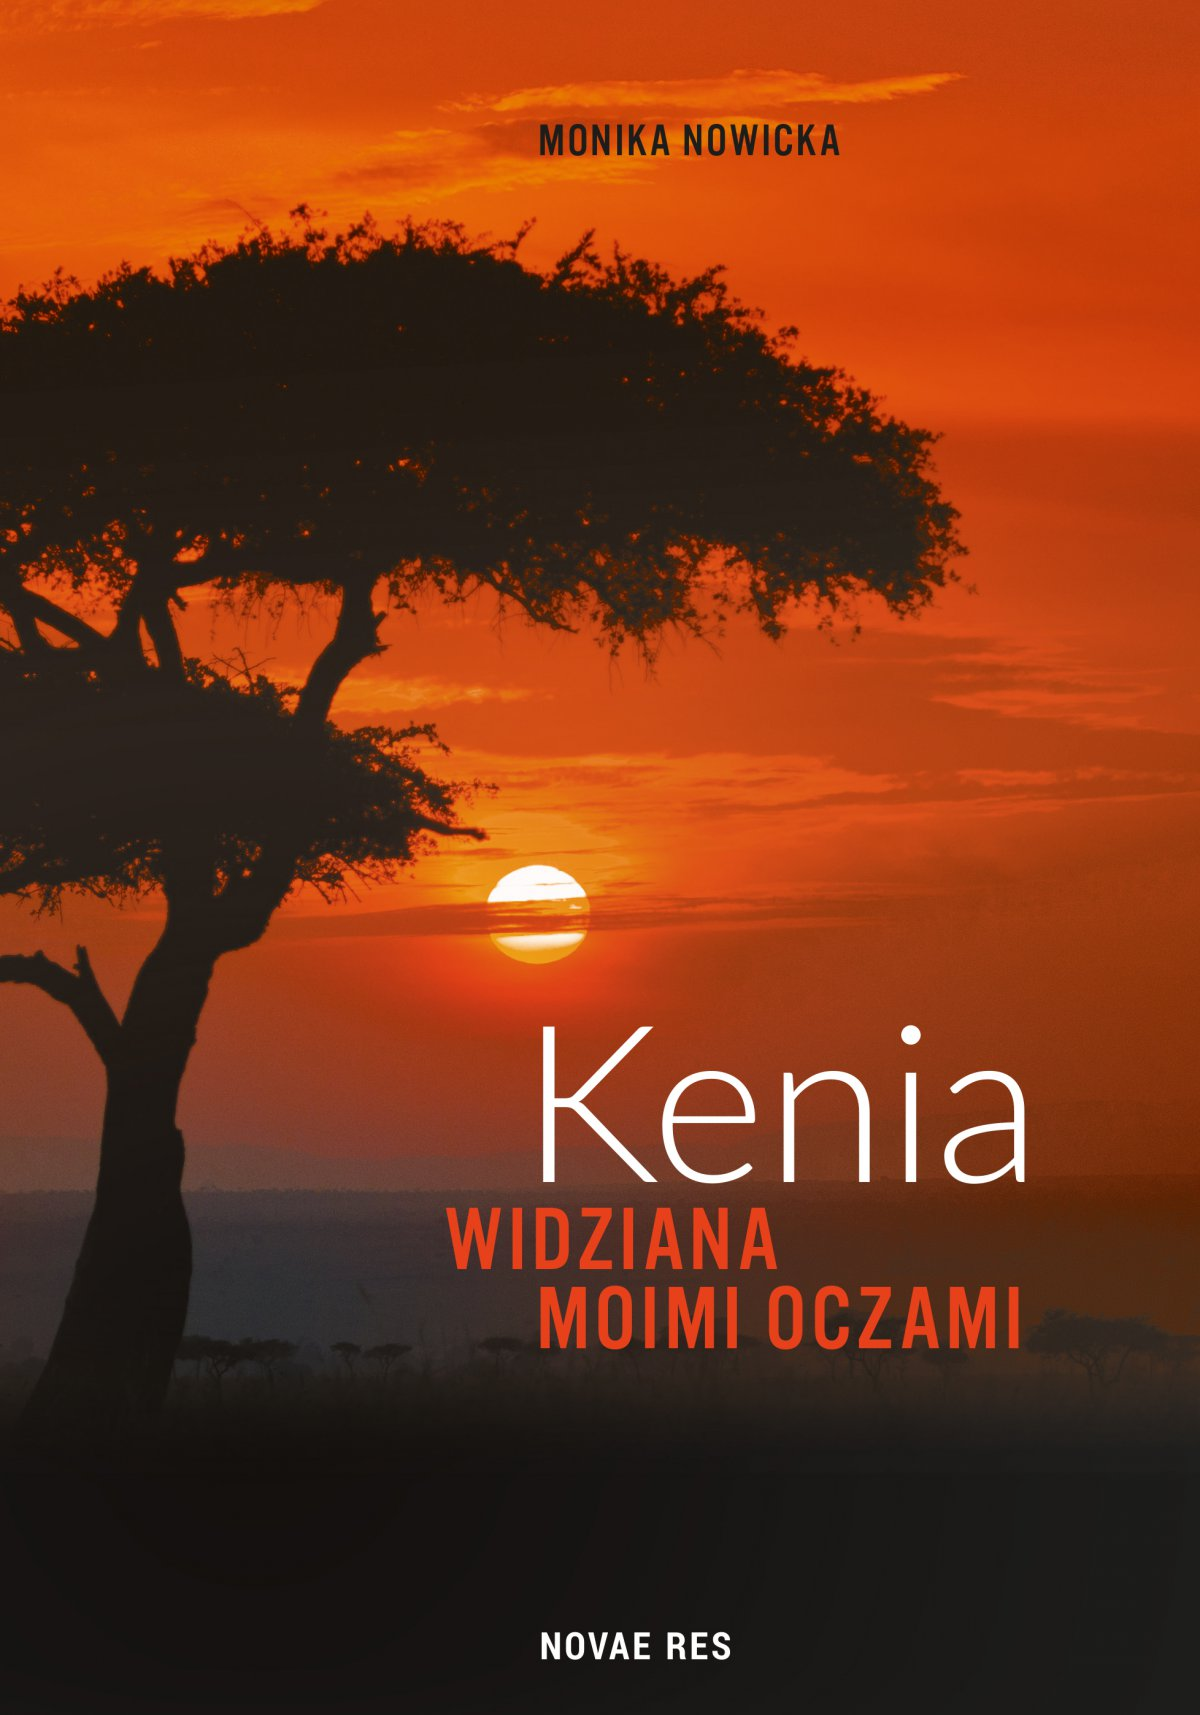 Kenia widziana moimi oczami - Ebook (Książka na Kindle) do pobrania w formacie MOBI